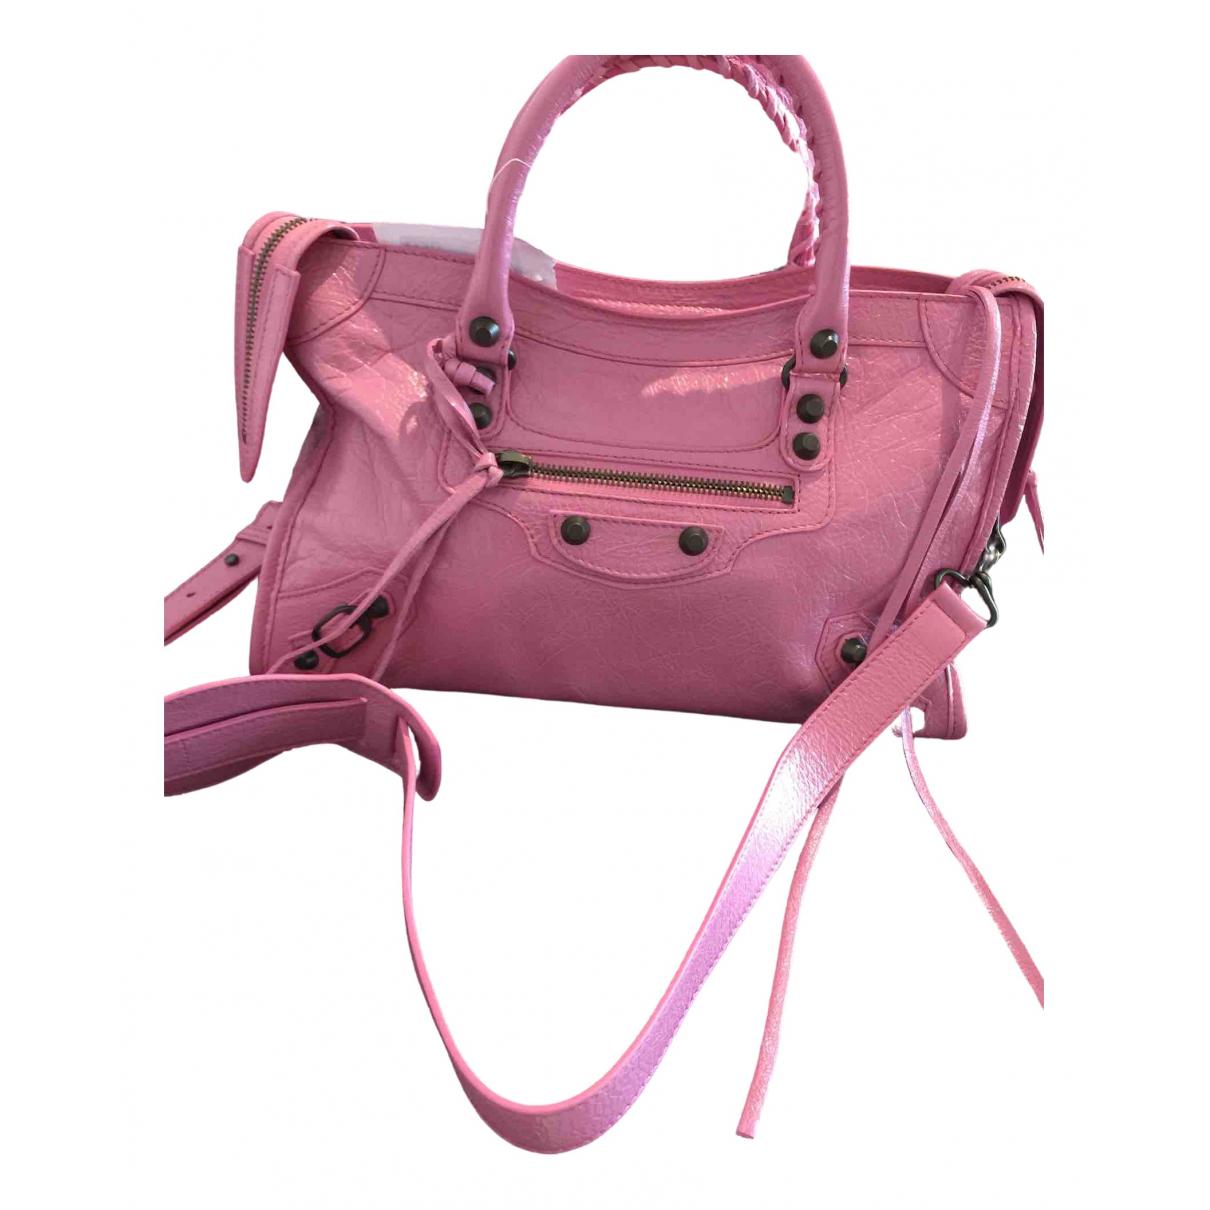 Balenciaga City Handtasche in  Rosa Leder